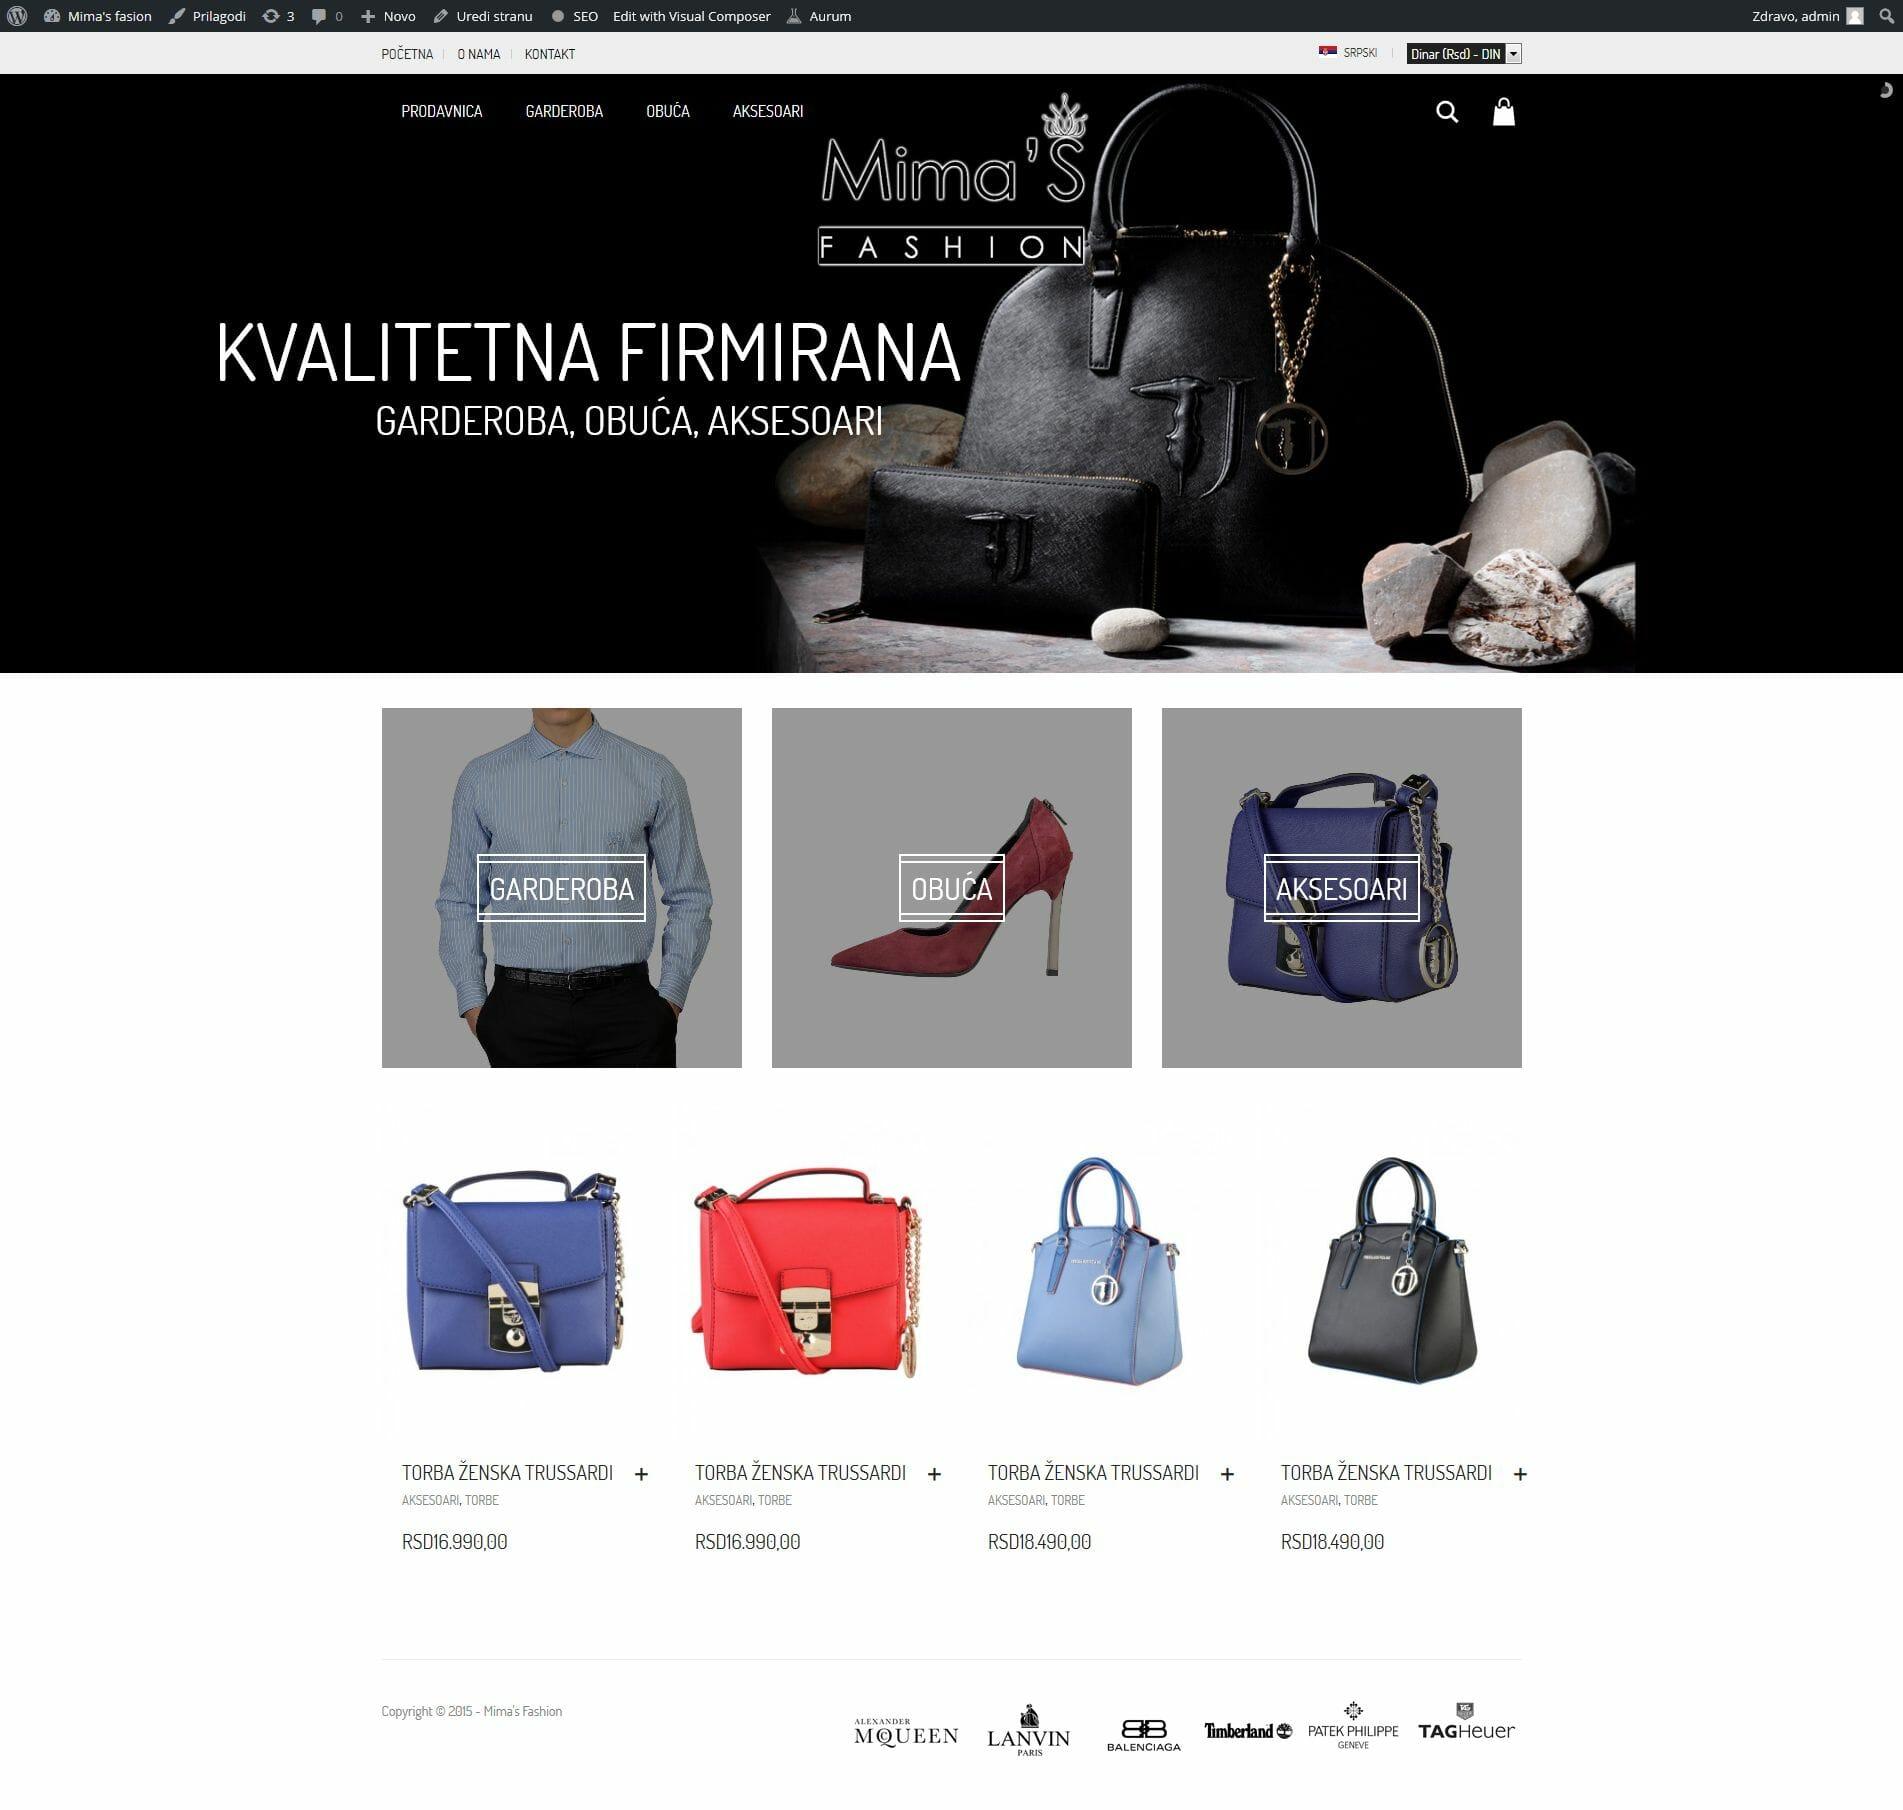 izrada online prodavnica za obucu i odecu